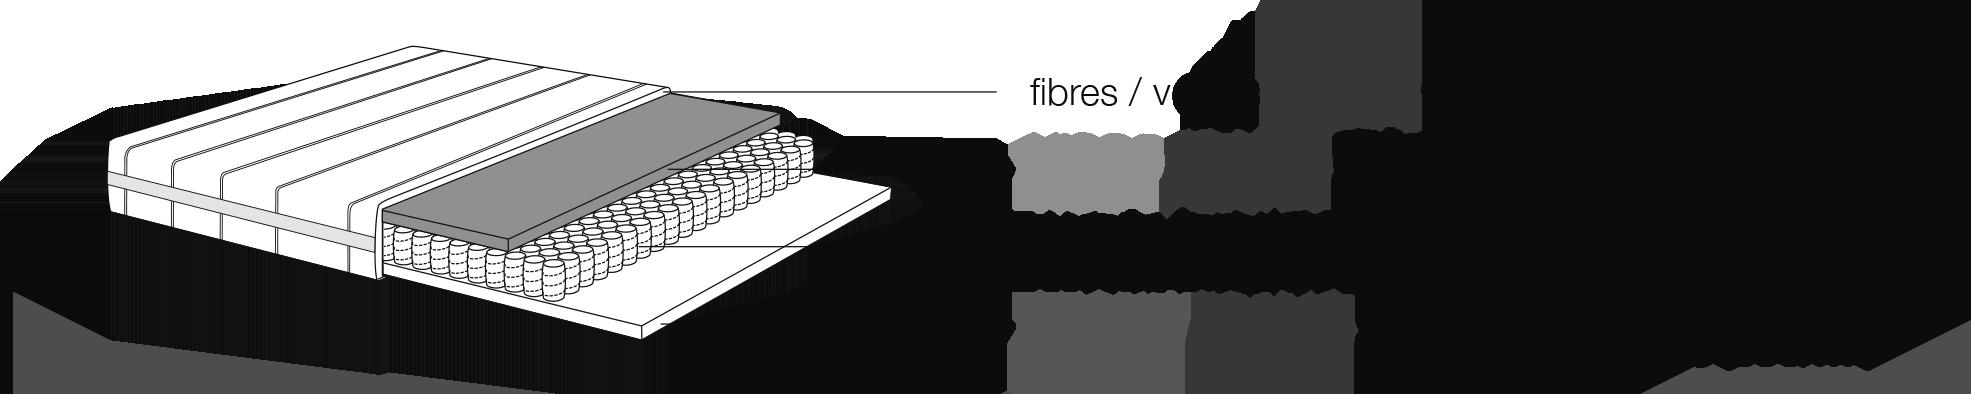 Composition du matelas : mousse VISCOFOAM 50 kg / m3 (4 cm d'épaisseur), ressorts ensachés 7 zones (300 / m2) et mousse TECHNIFOAM 30 kg / m3 (4 cm d'épaisseur).